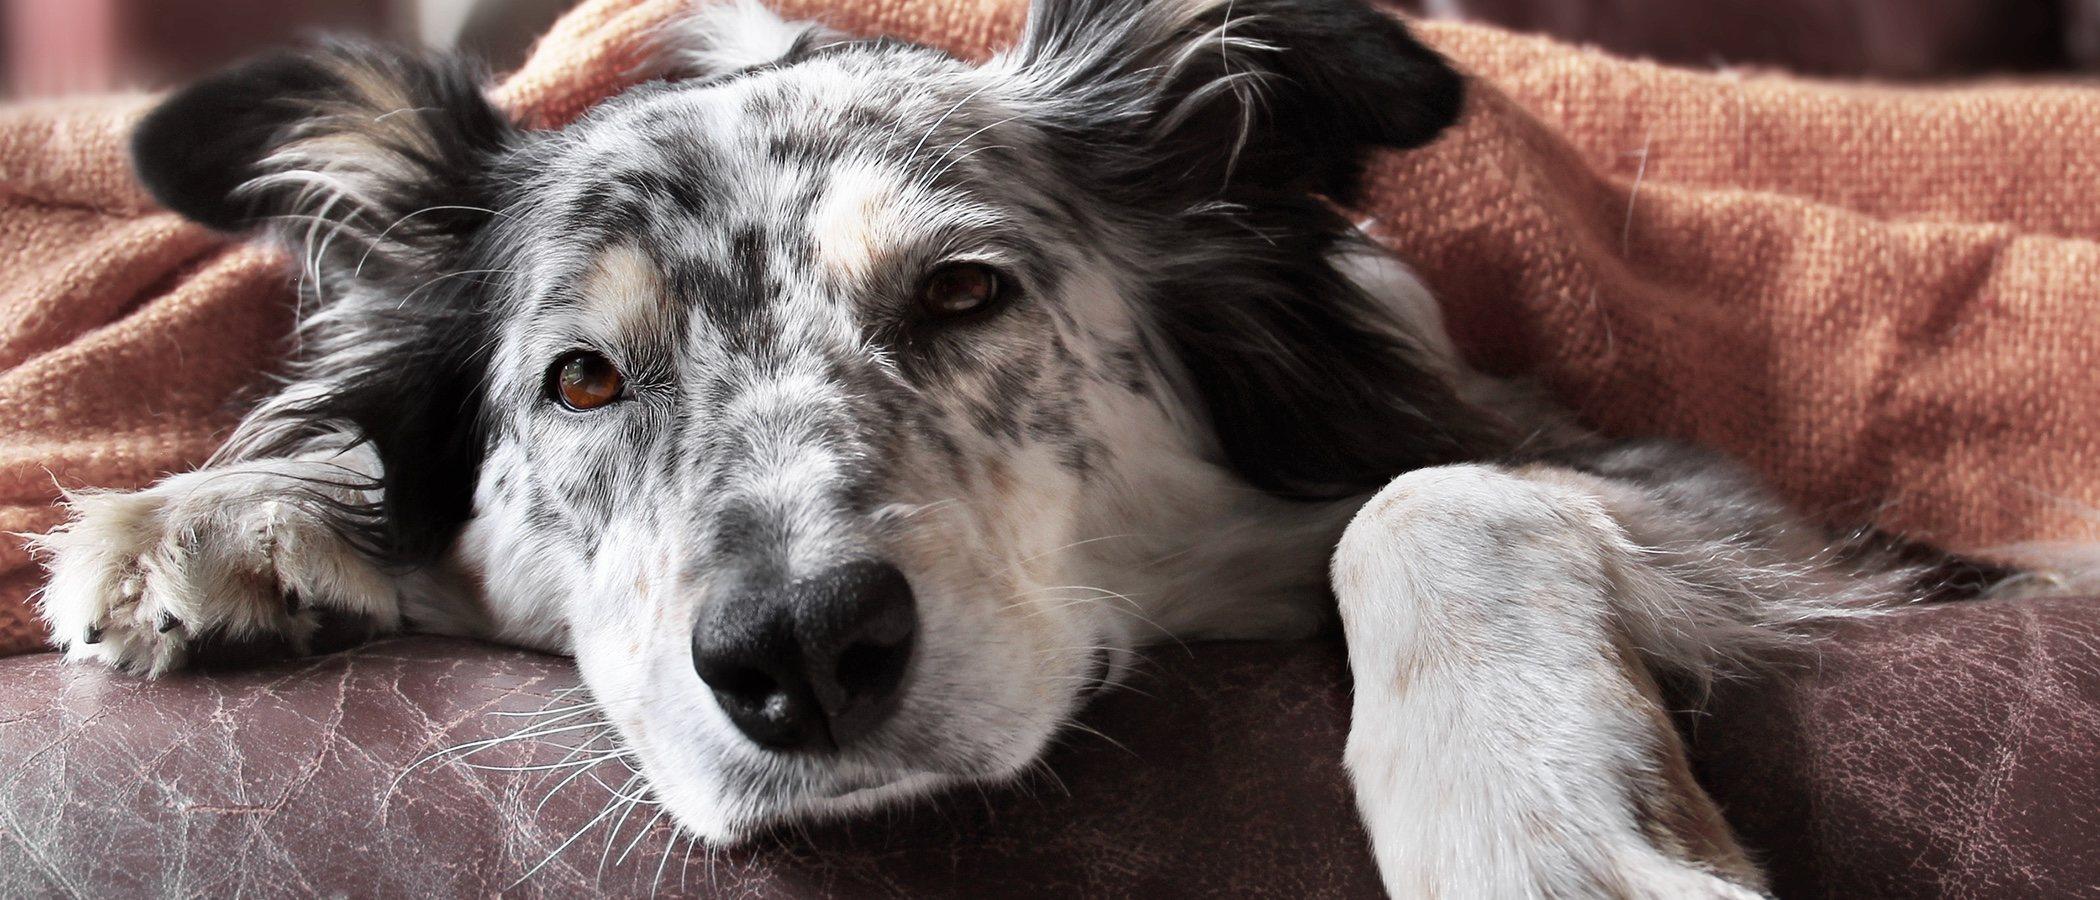 Qué sienten los perros justo antes de morir